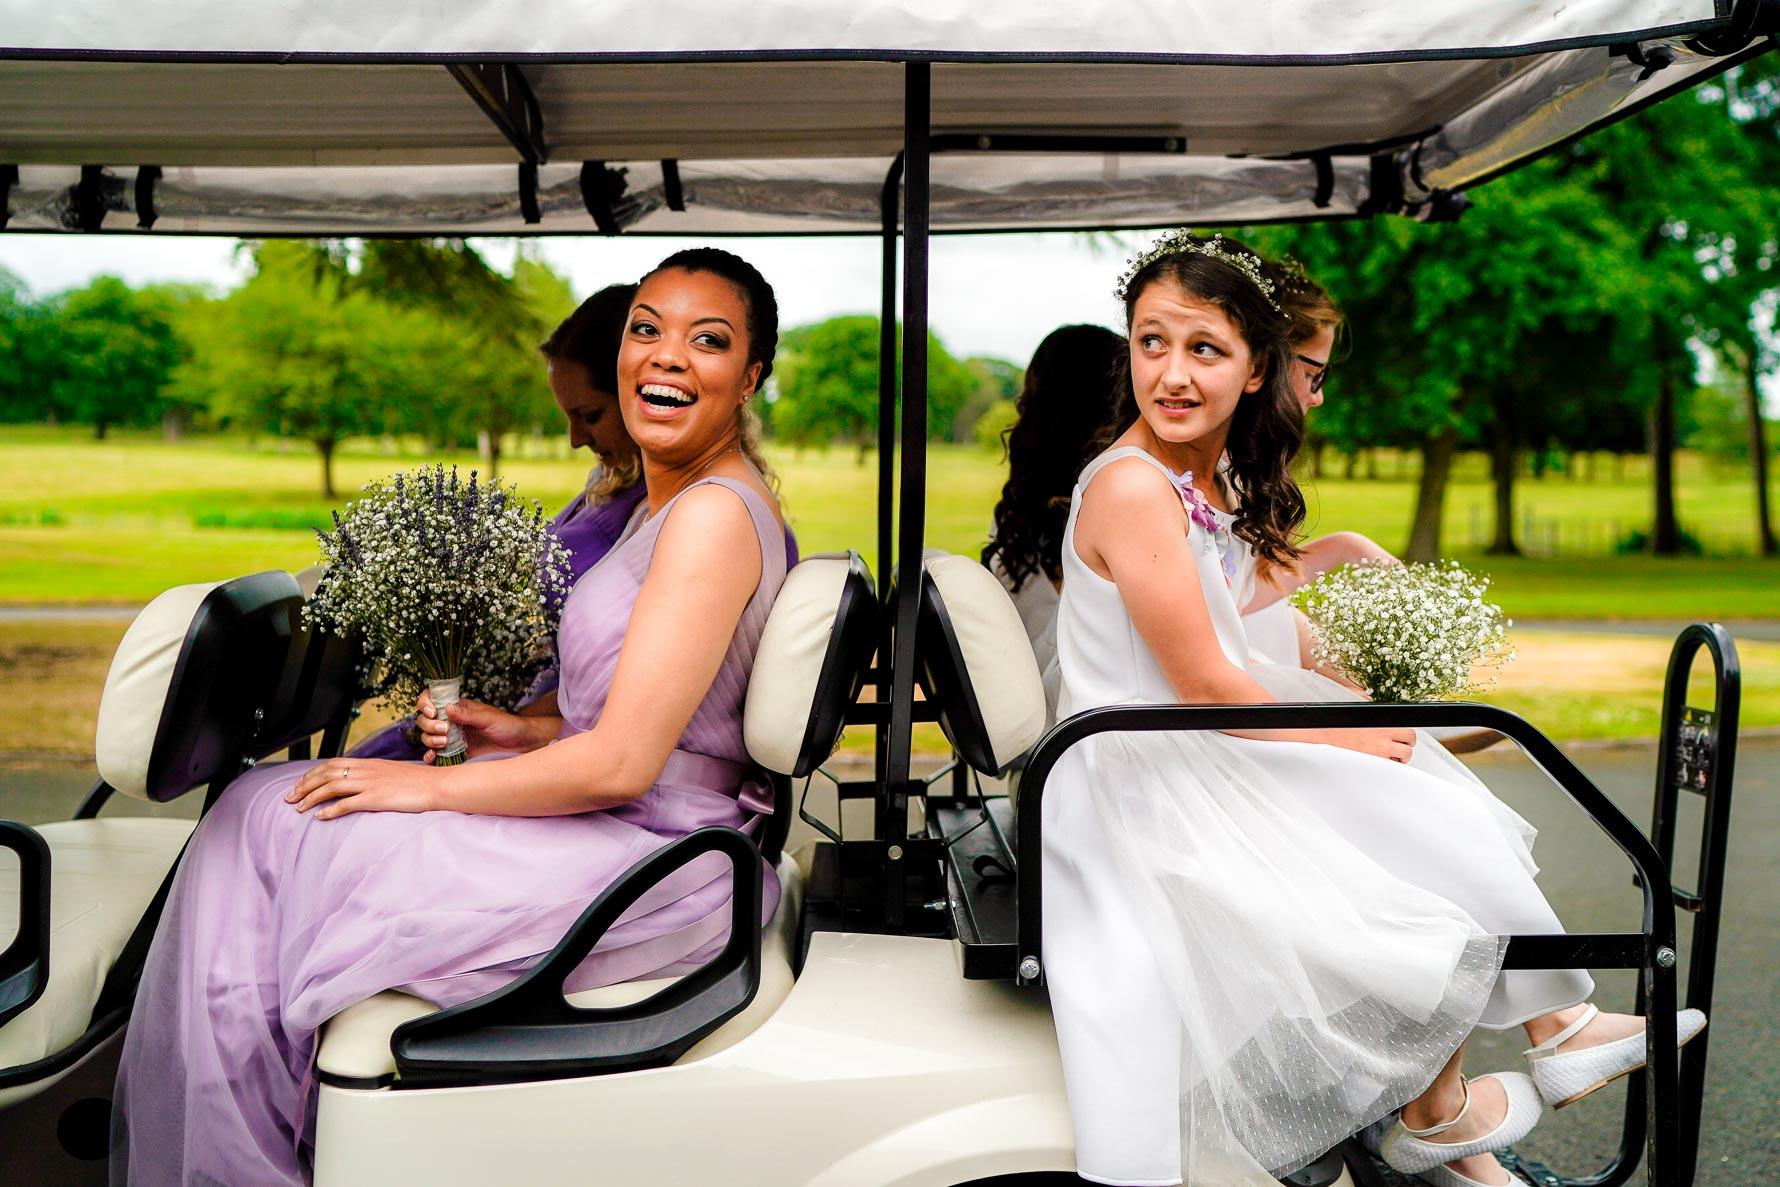 fun times on golf cart